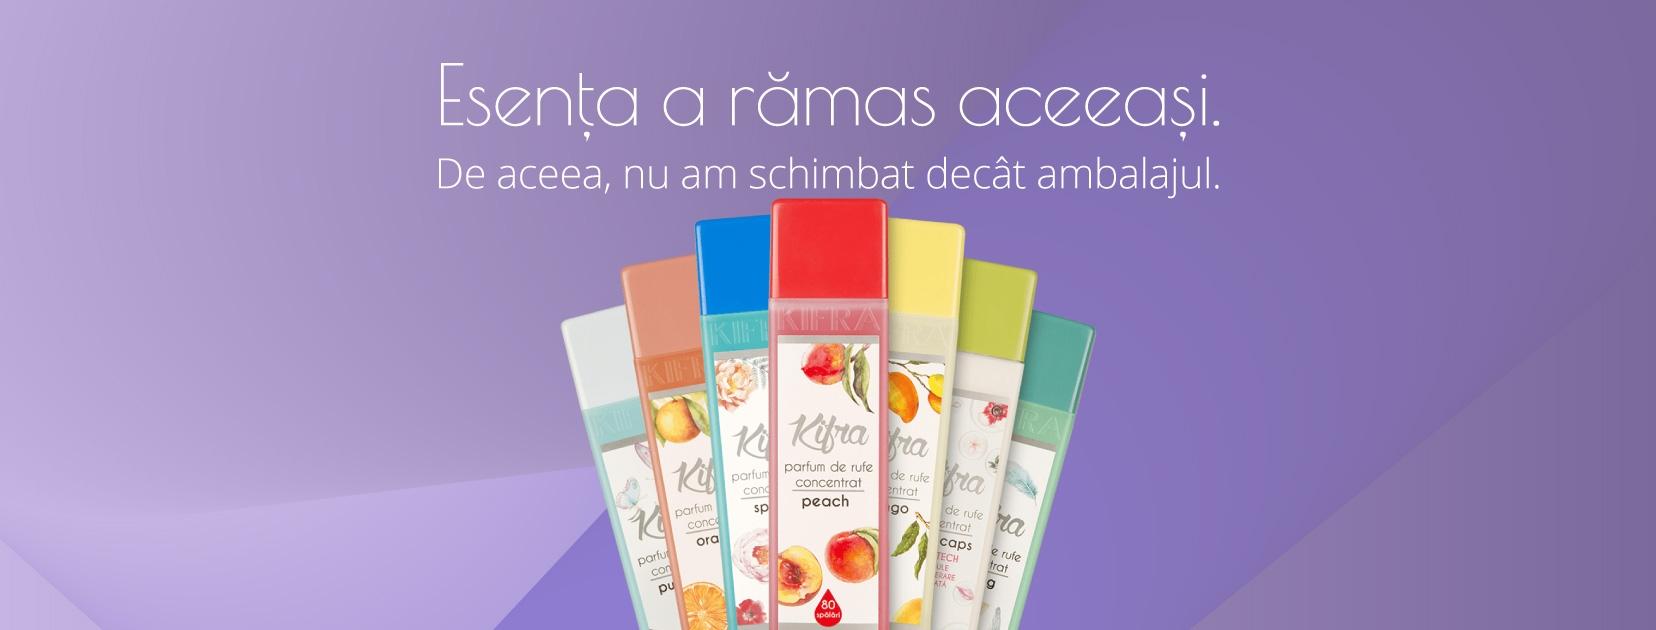 Parfumurile de rufe Kifra au acum un ambalaj mai practic, cu capac, care previne accesul copiilor.